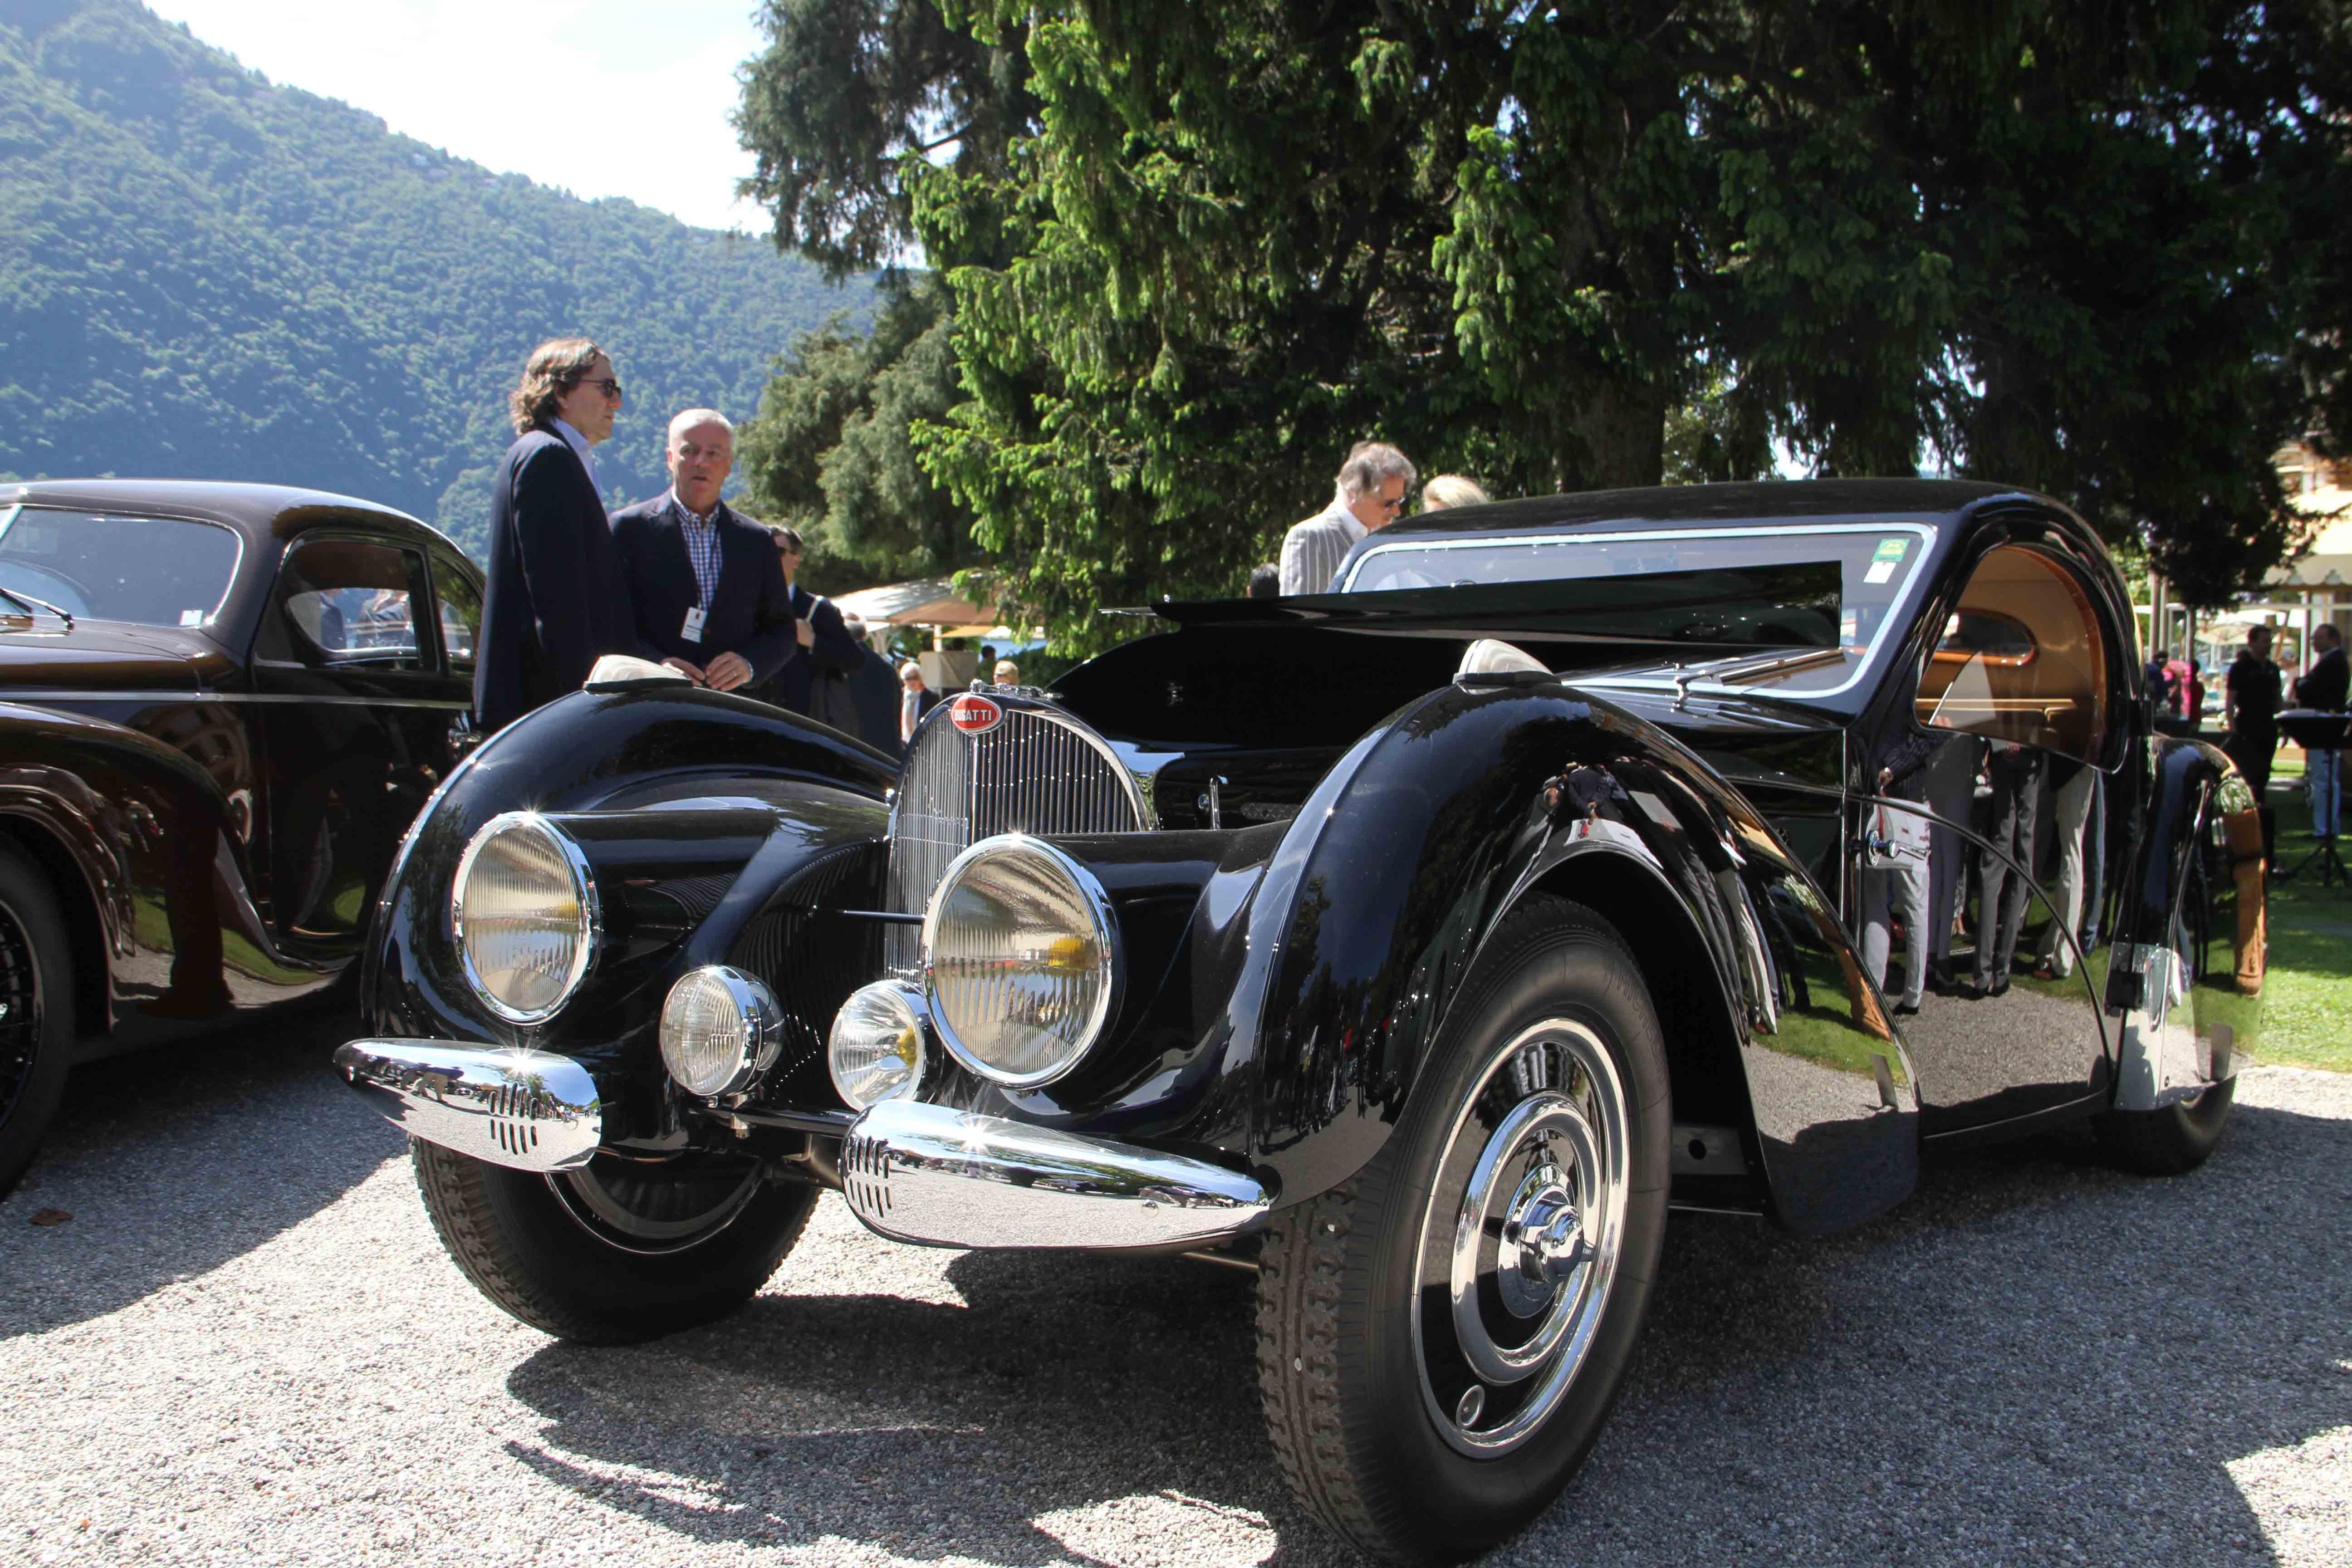 Bugatti 57 SC Atalante, 1937. Photo Report: Watch And Car Spotting At The 2016 Concorso d'Eleganza Villa d'Este With A. Lange & Söhne Photo Report: Watch And Car Spotting At The 2016 Concorso d'Eleganza Villa d'Este With A. Lange & Söhne IMG 5169